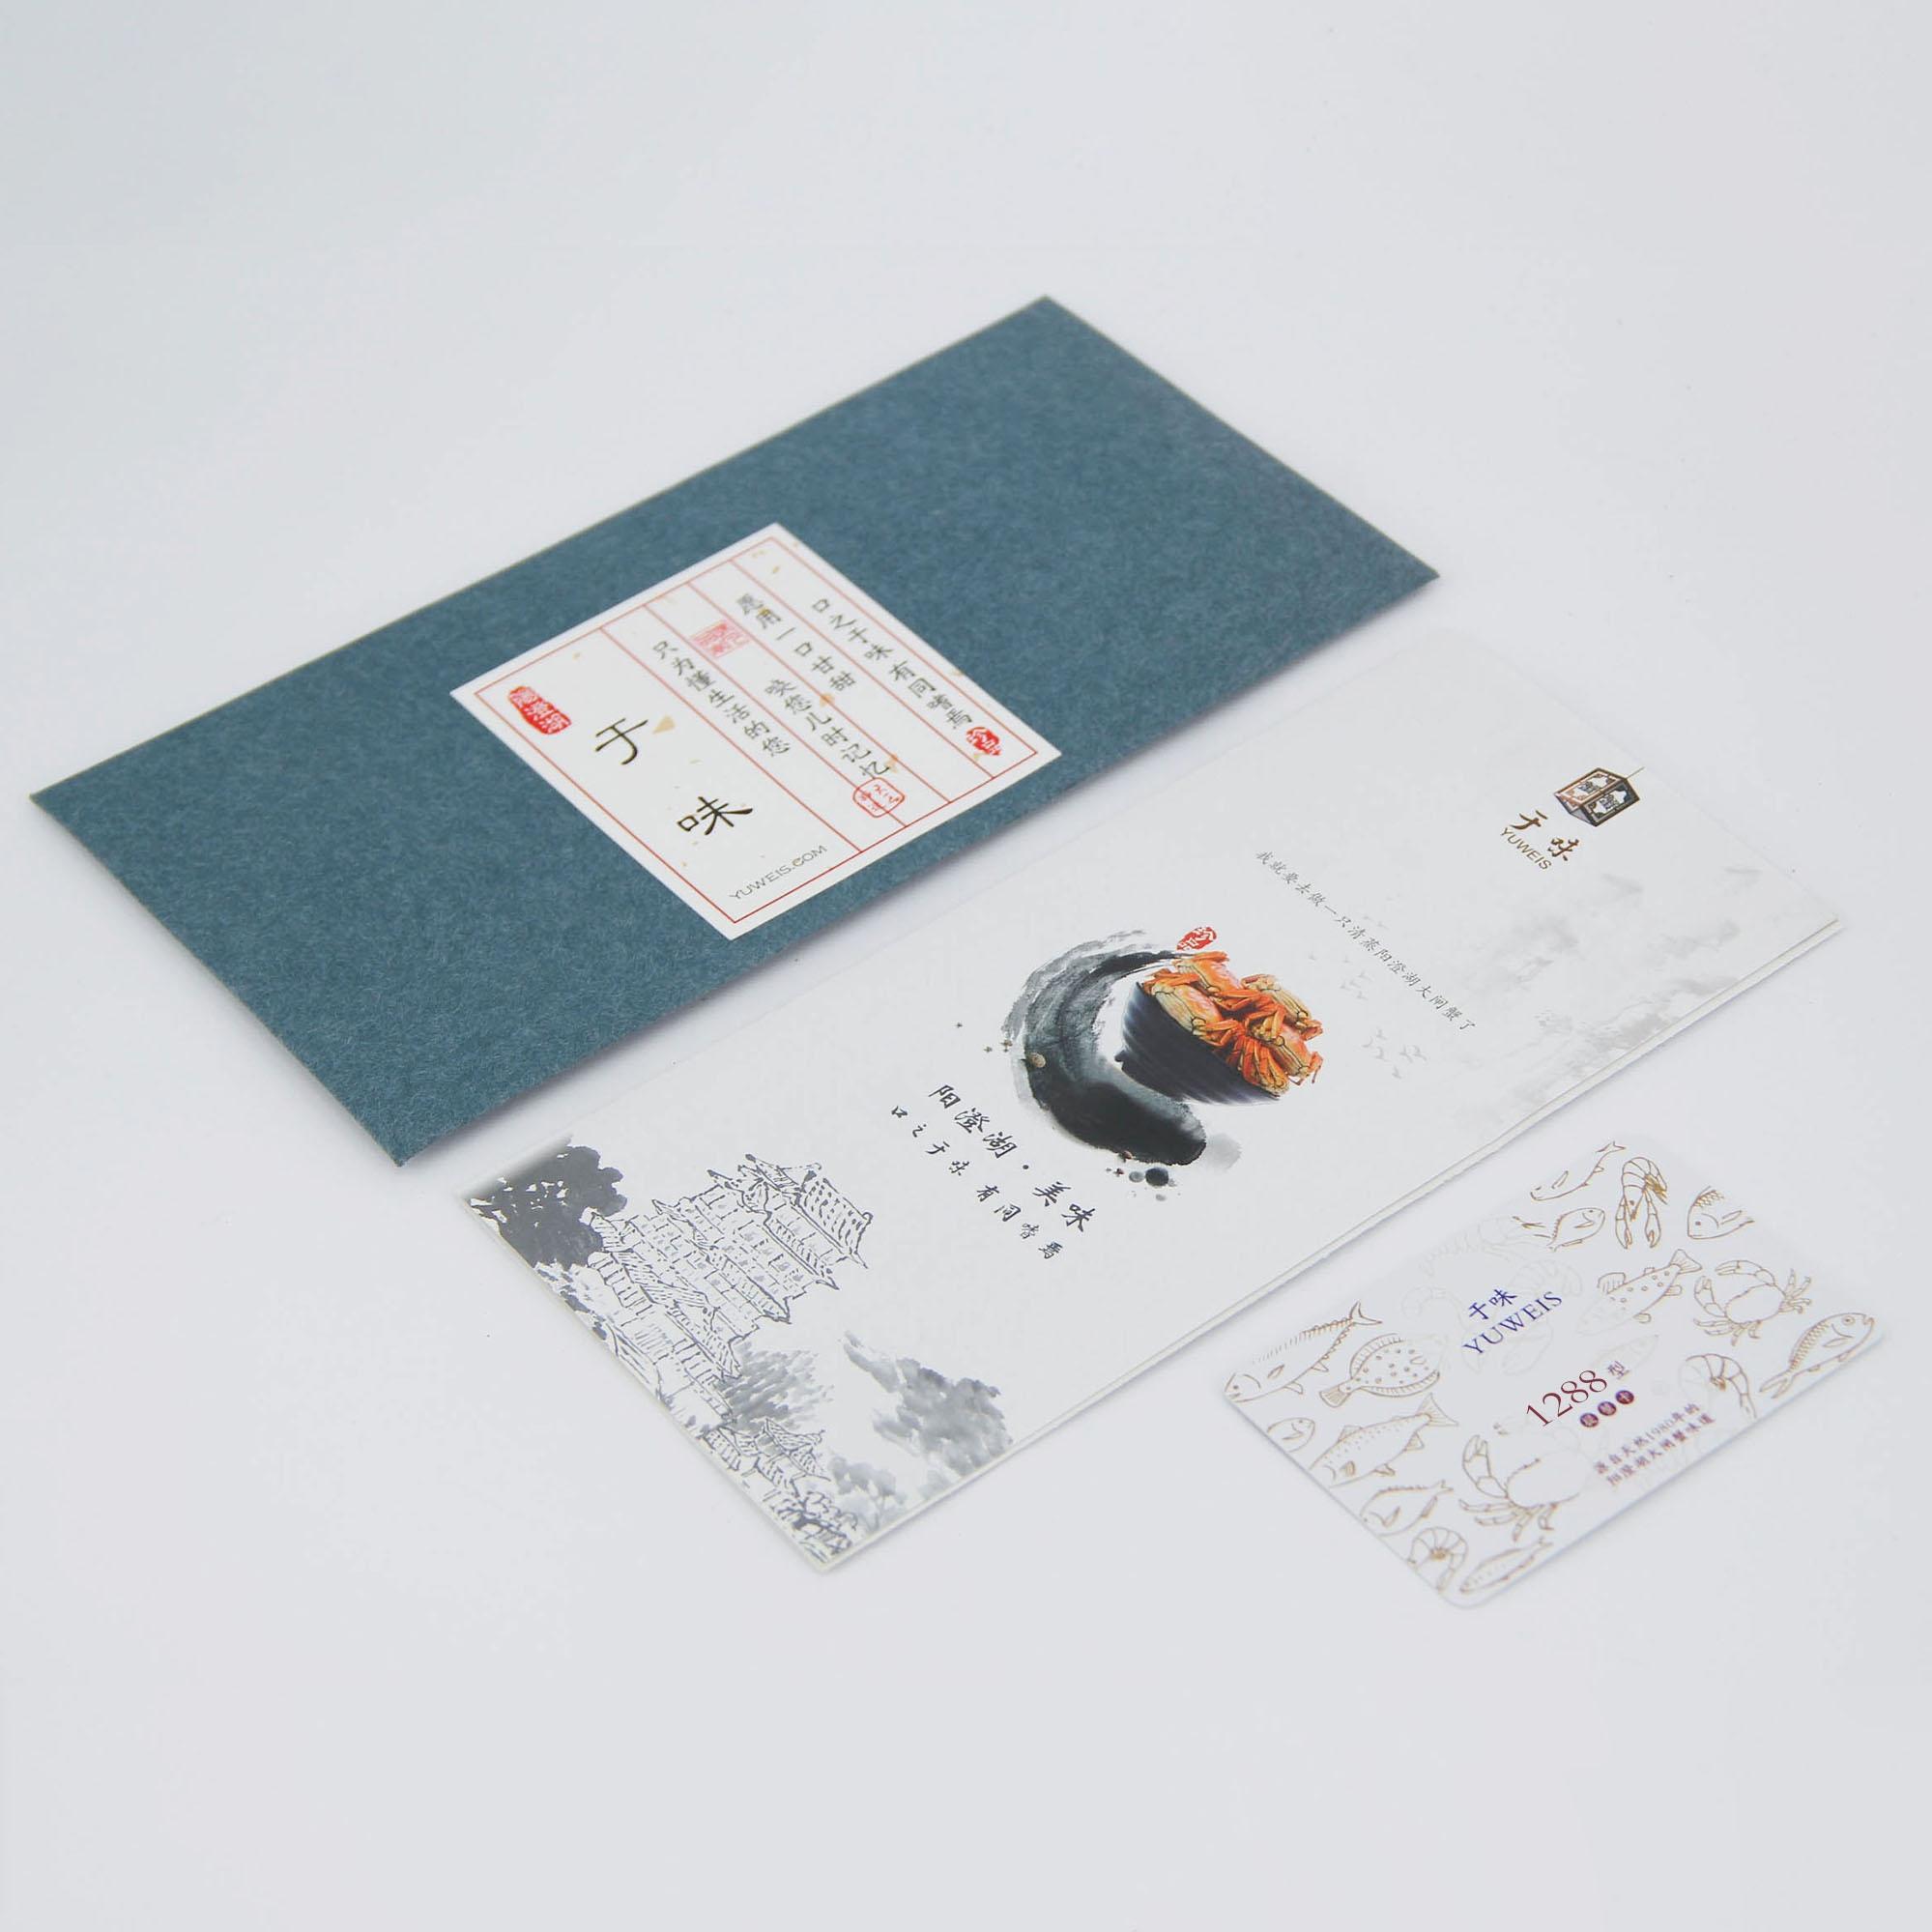 阳澄湖大闸蟹 1288型 (4.1-4.4公*4只,3.1-3.3母*4只(8只全母))提货卡精品系列豪华礼盒装